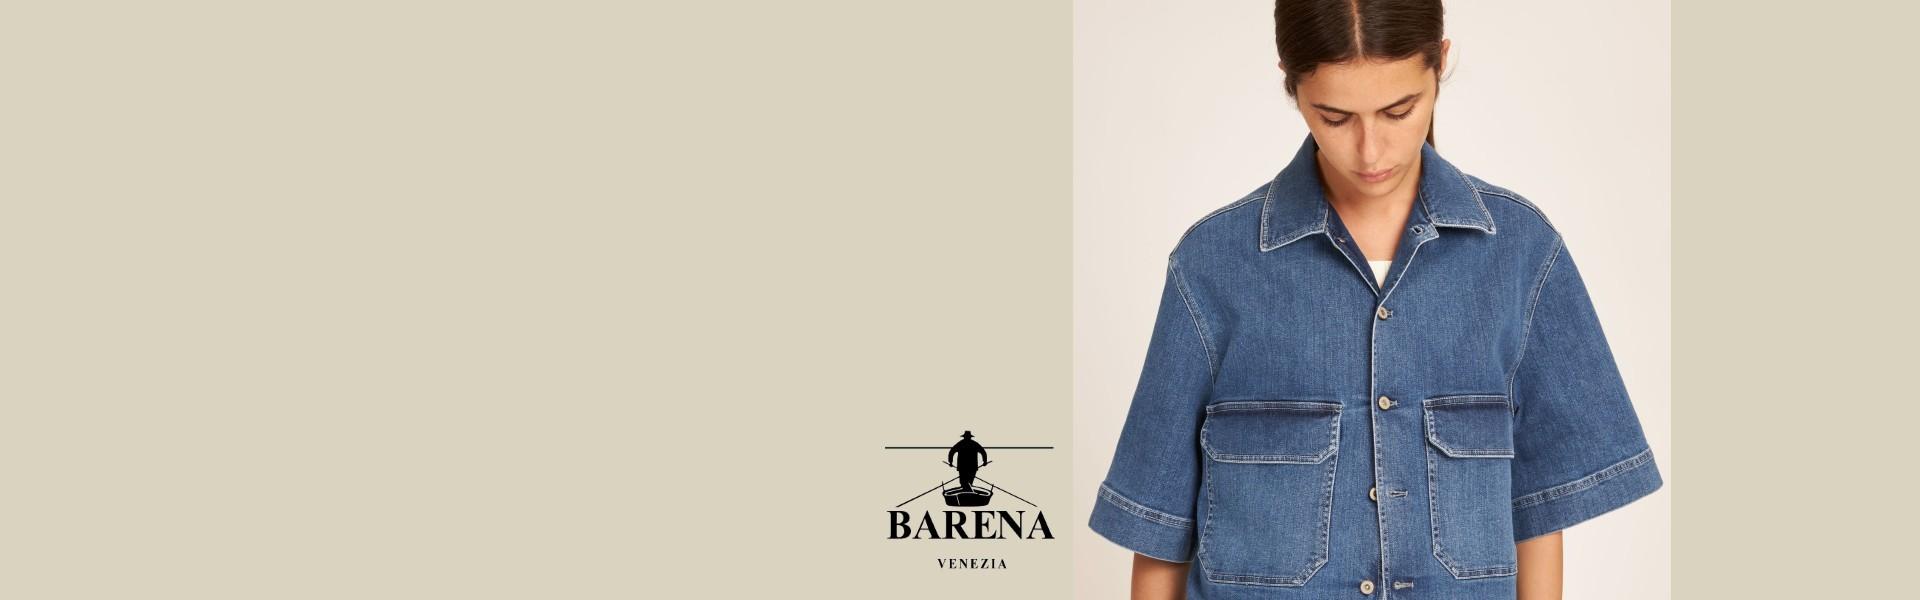 Barena Venezia